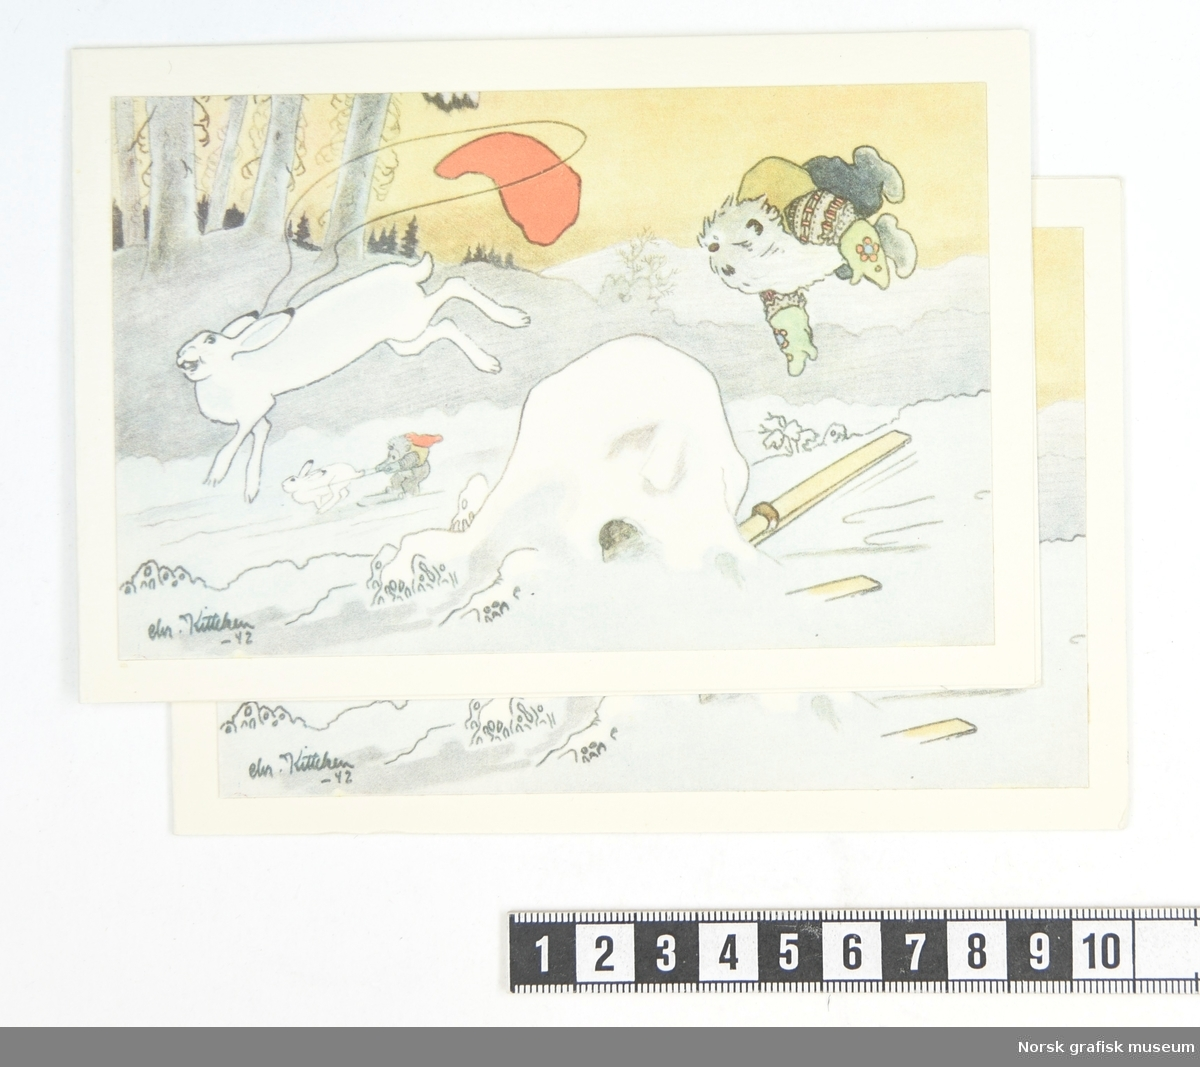 Skigående nisse som trekkes av en hare